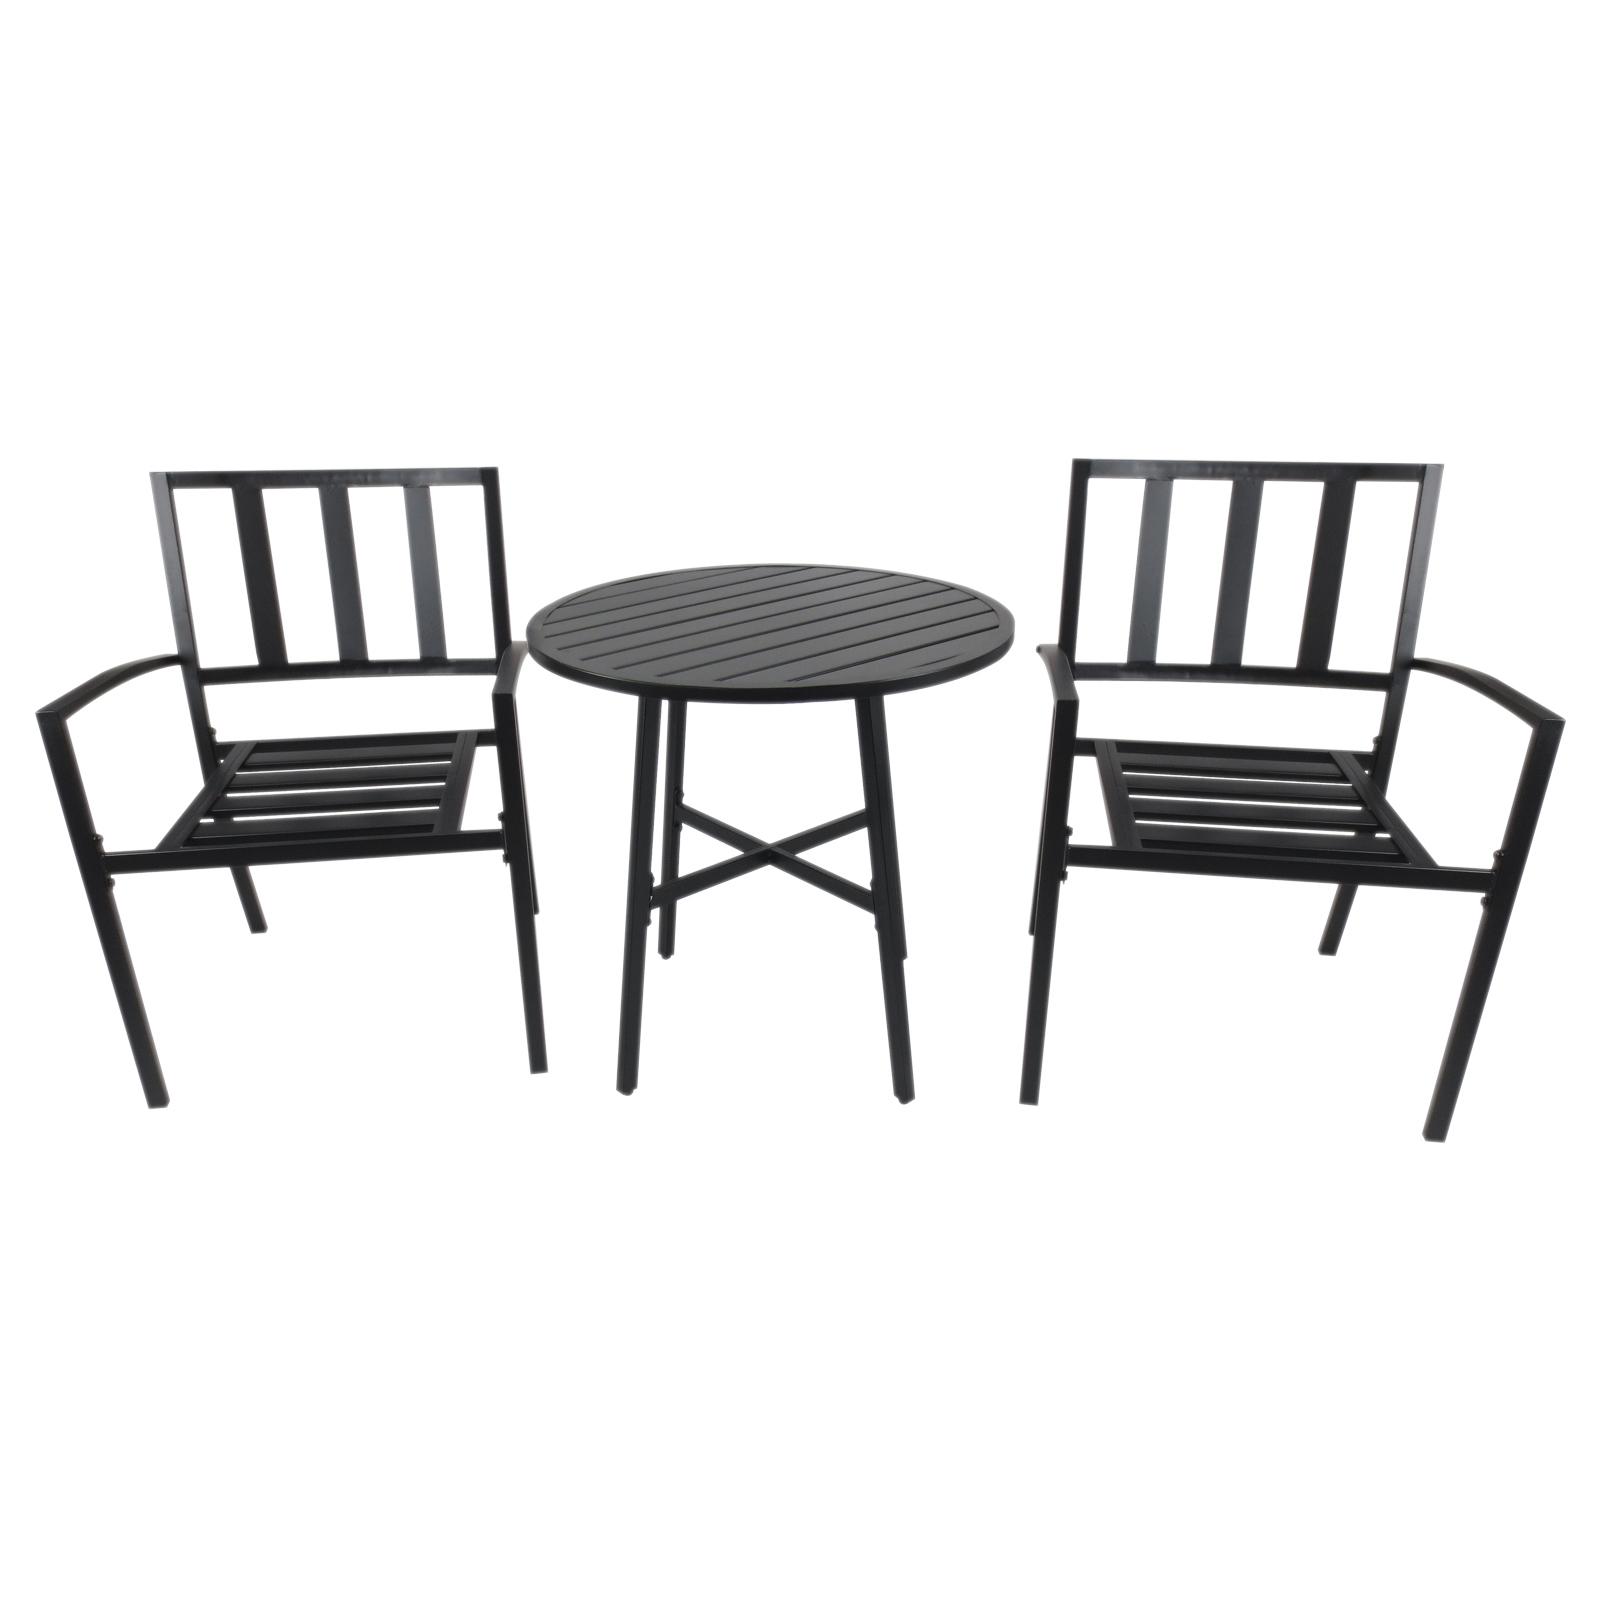 Conjuntos de Mesa y 2 Sillas de Jardín Muebles Comedor Exterior Bistro Café  Set Jardín Terraza Sillón Ancho y Cómodo Acero